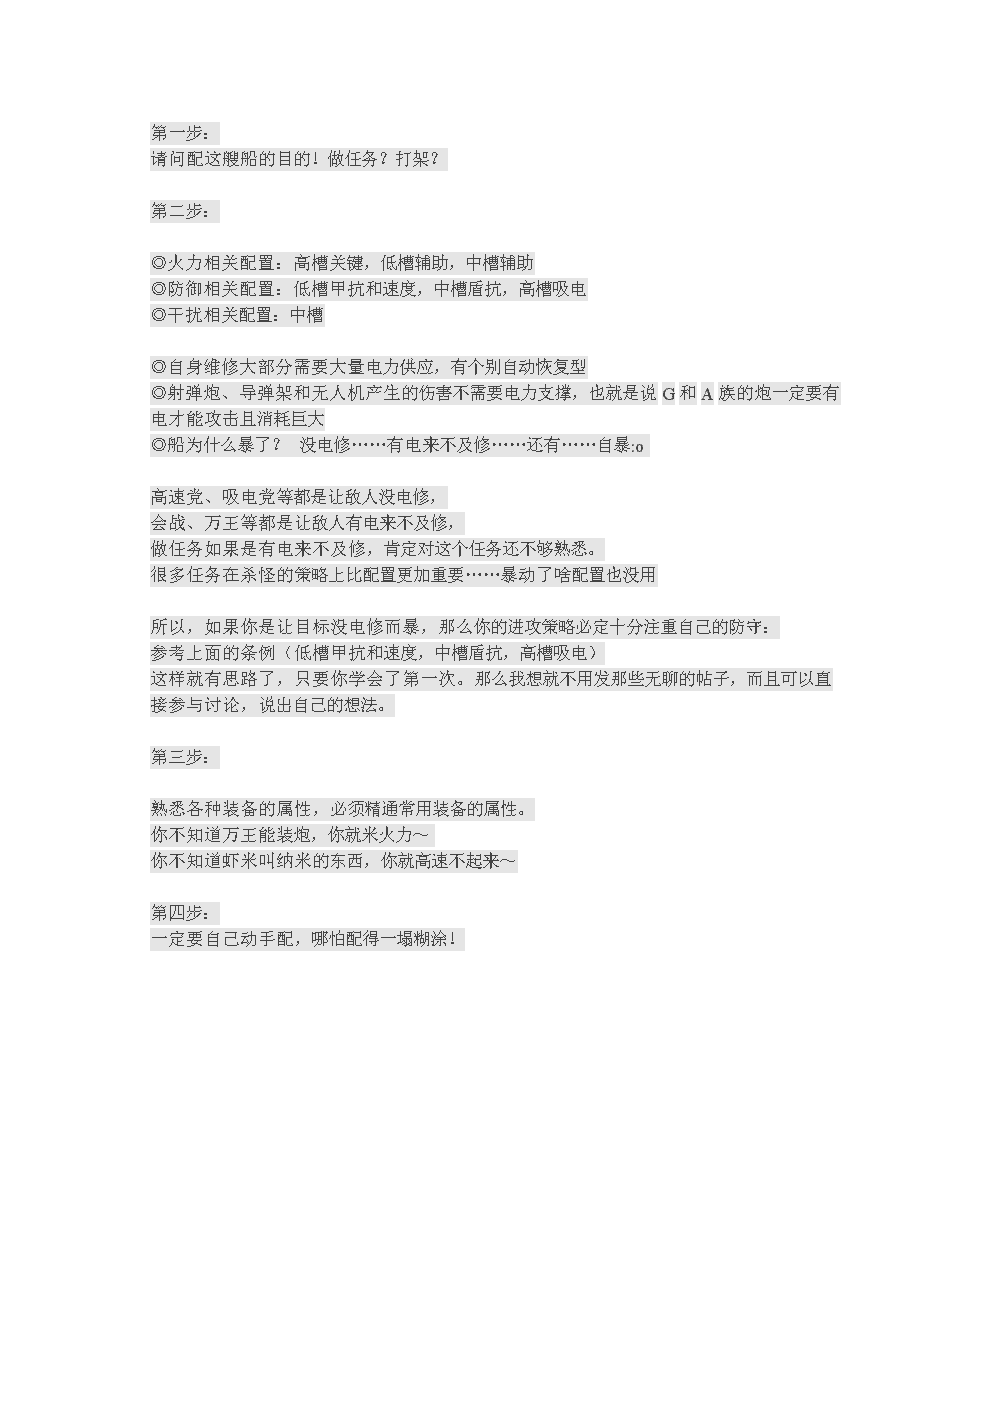 配船思路指南.doc